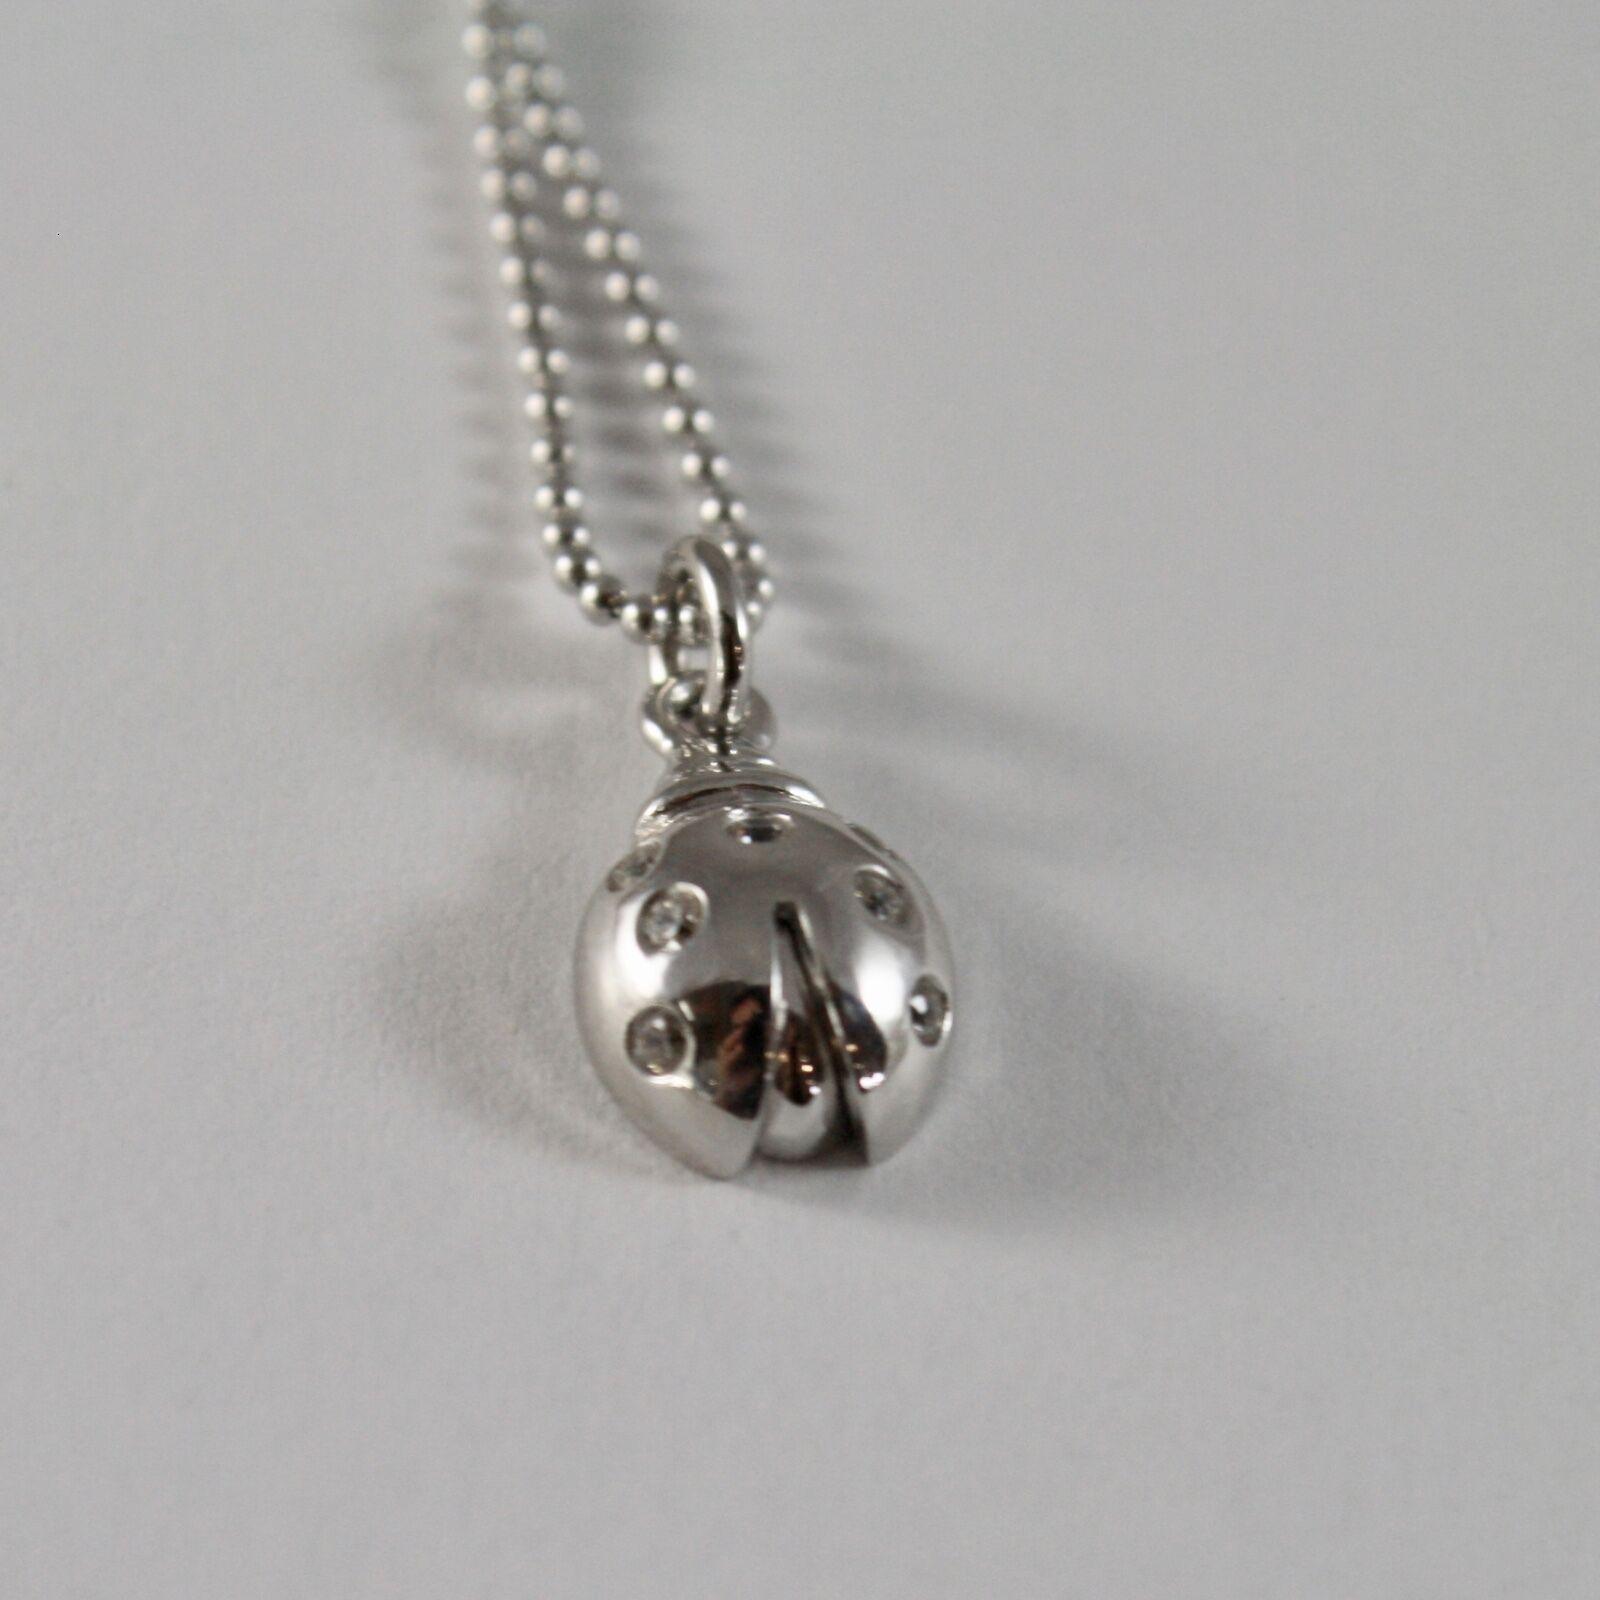 Silberkette 925 Jack&co mit Kugeln Glänzend und Marienkäfer Emailliert 45 CM image 6